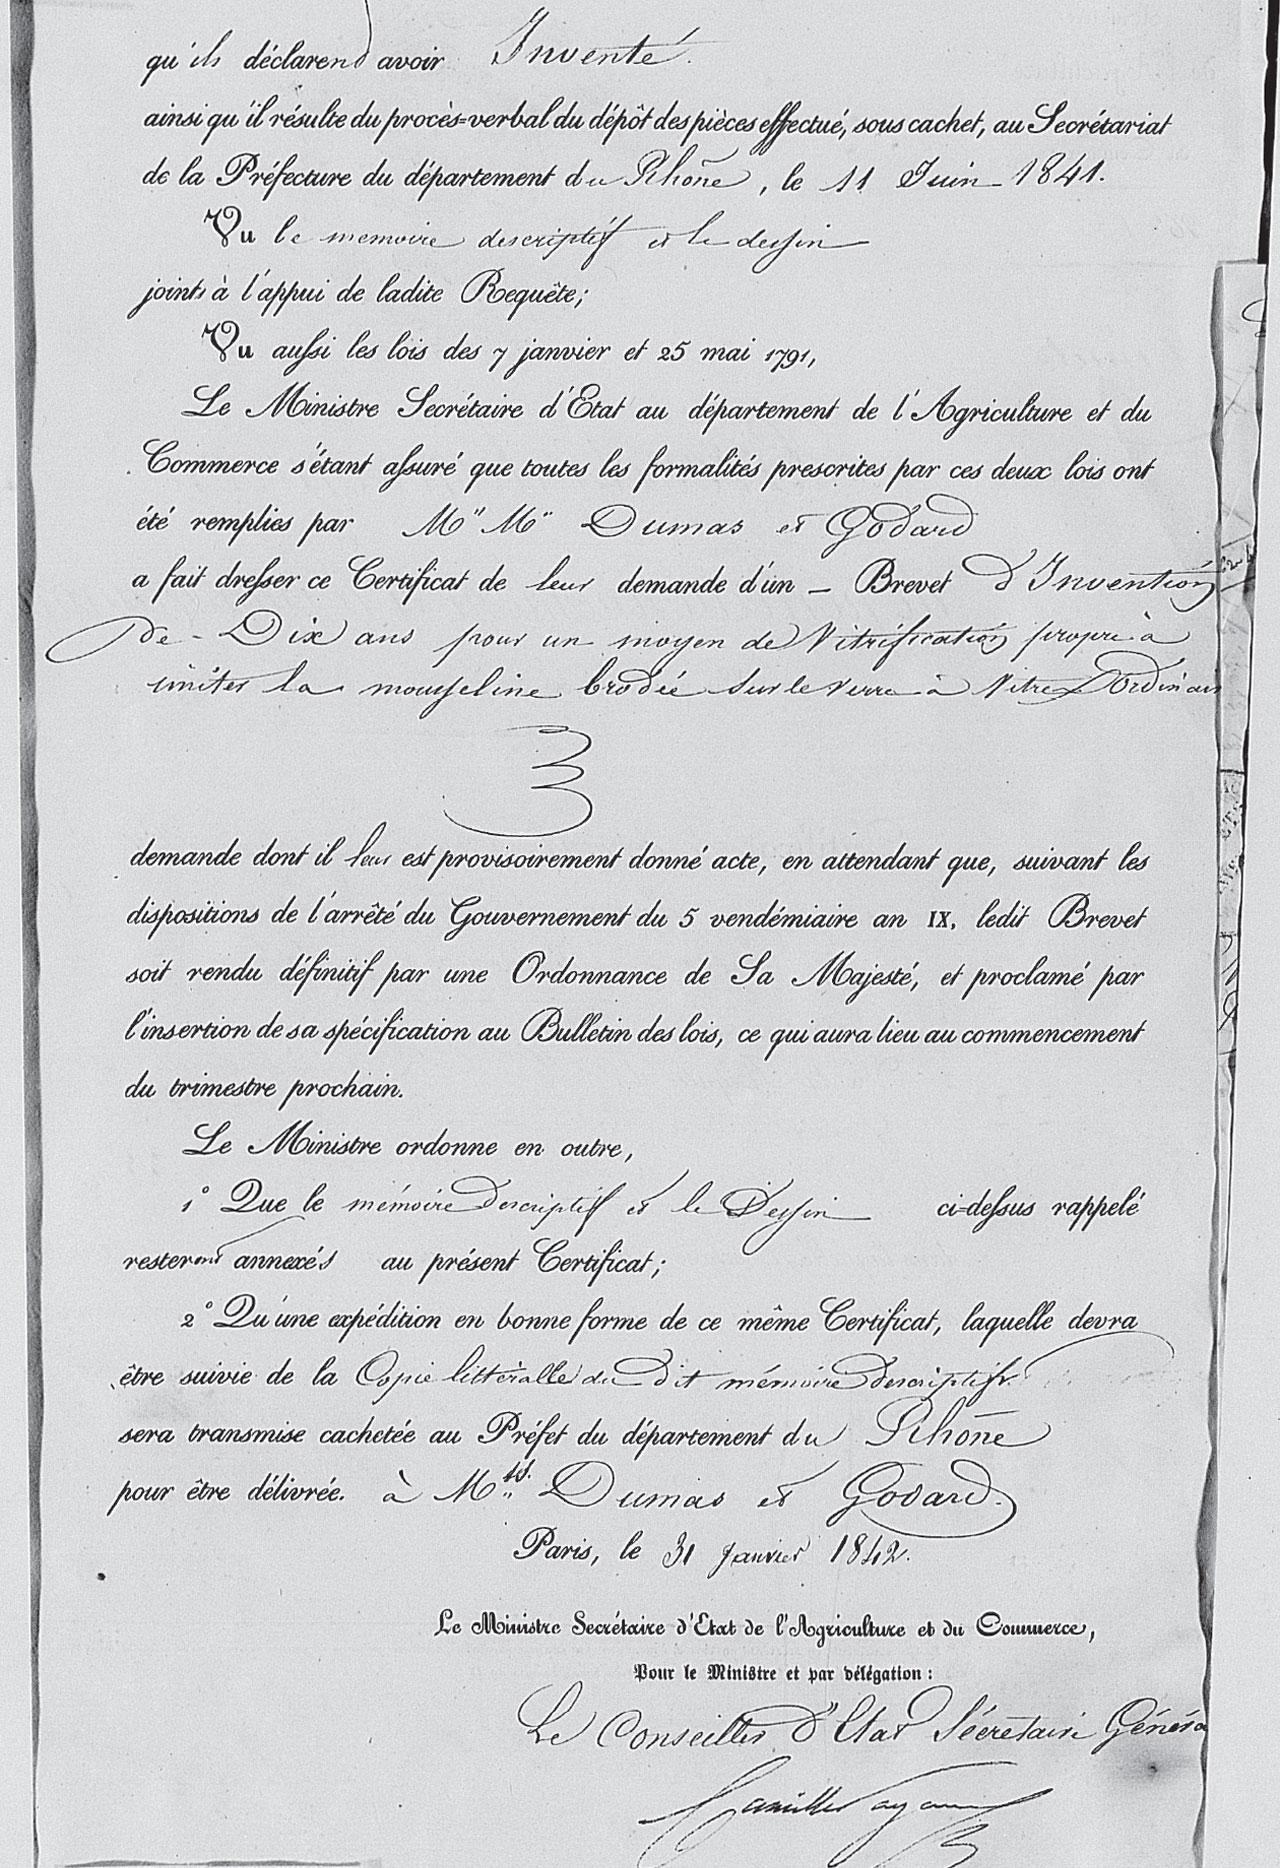 Brevet Dumas et Godard 1842 Partie 2